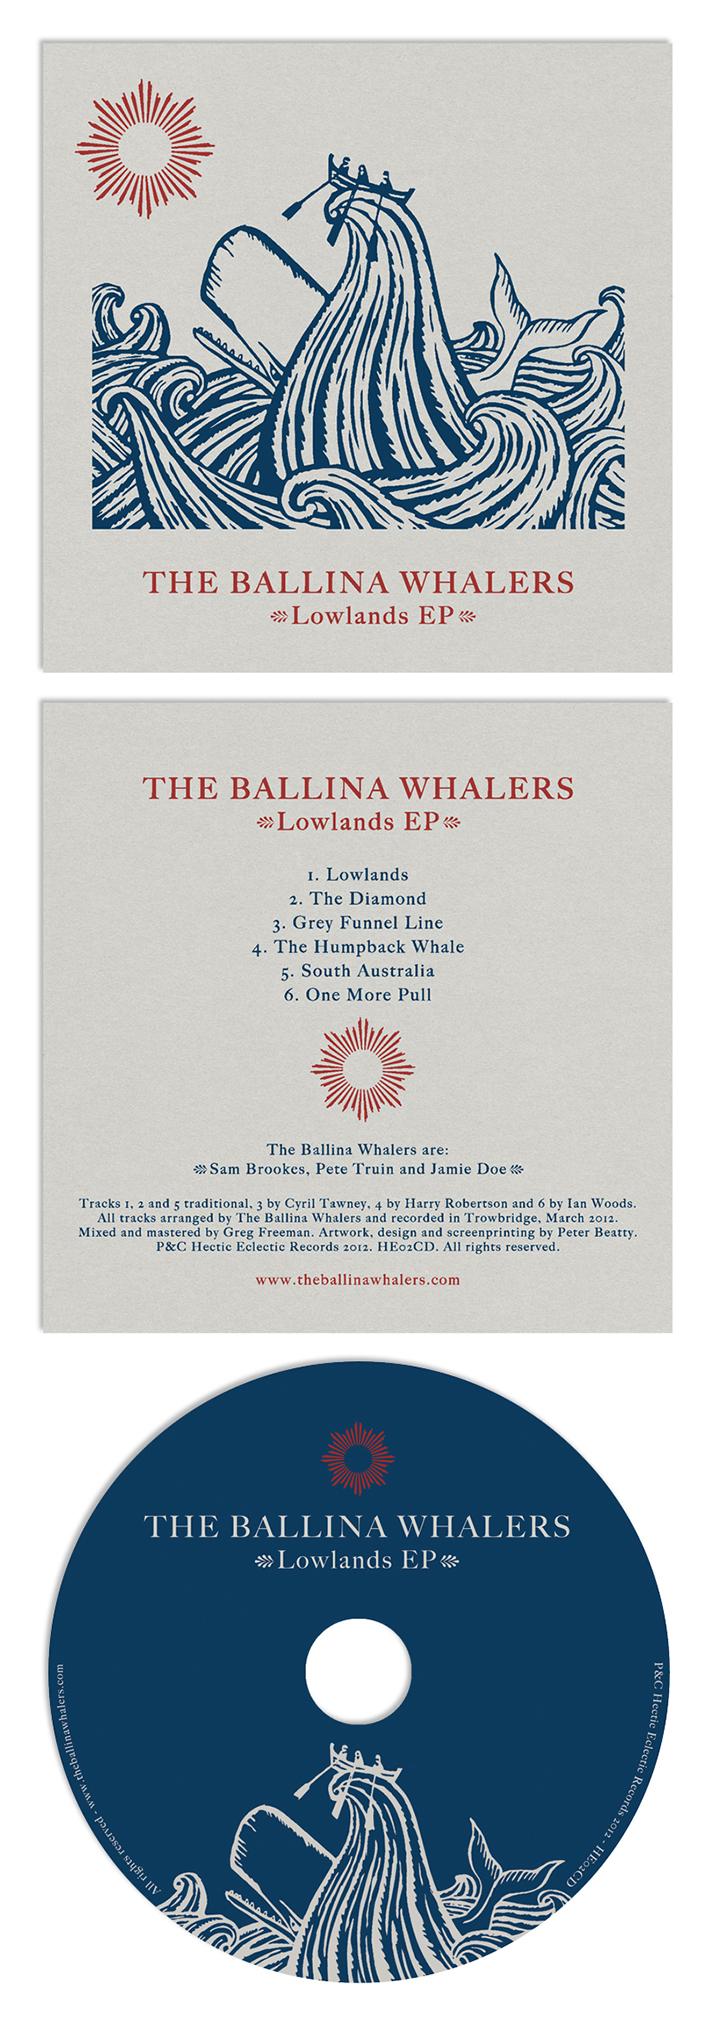 BallinaWhalers1a_New_PeterBeatty